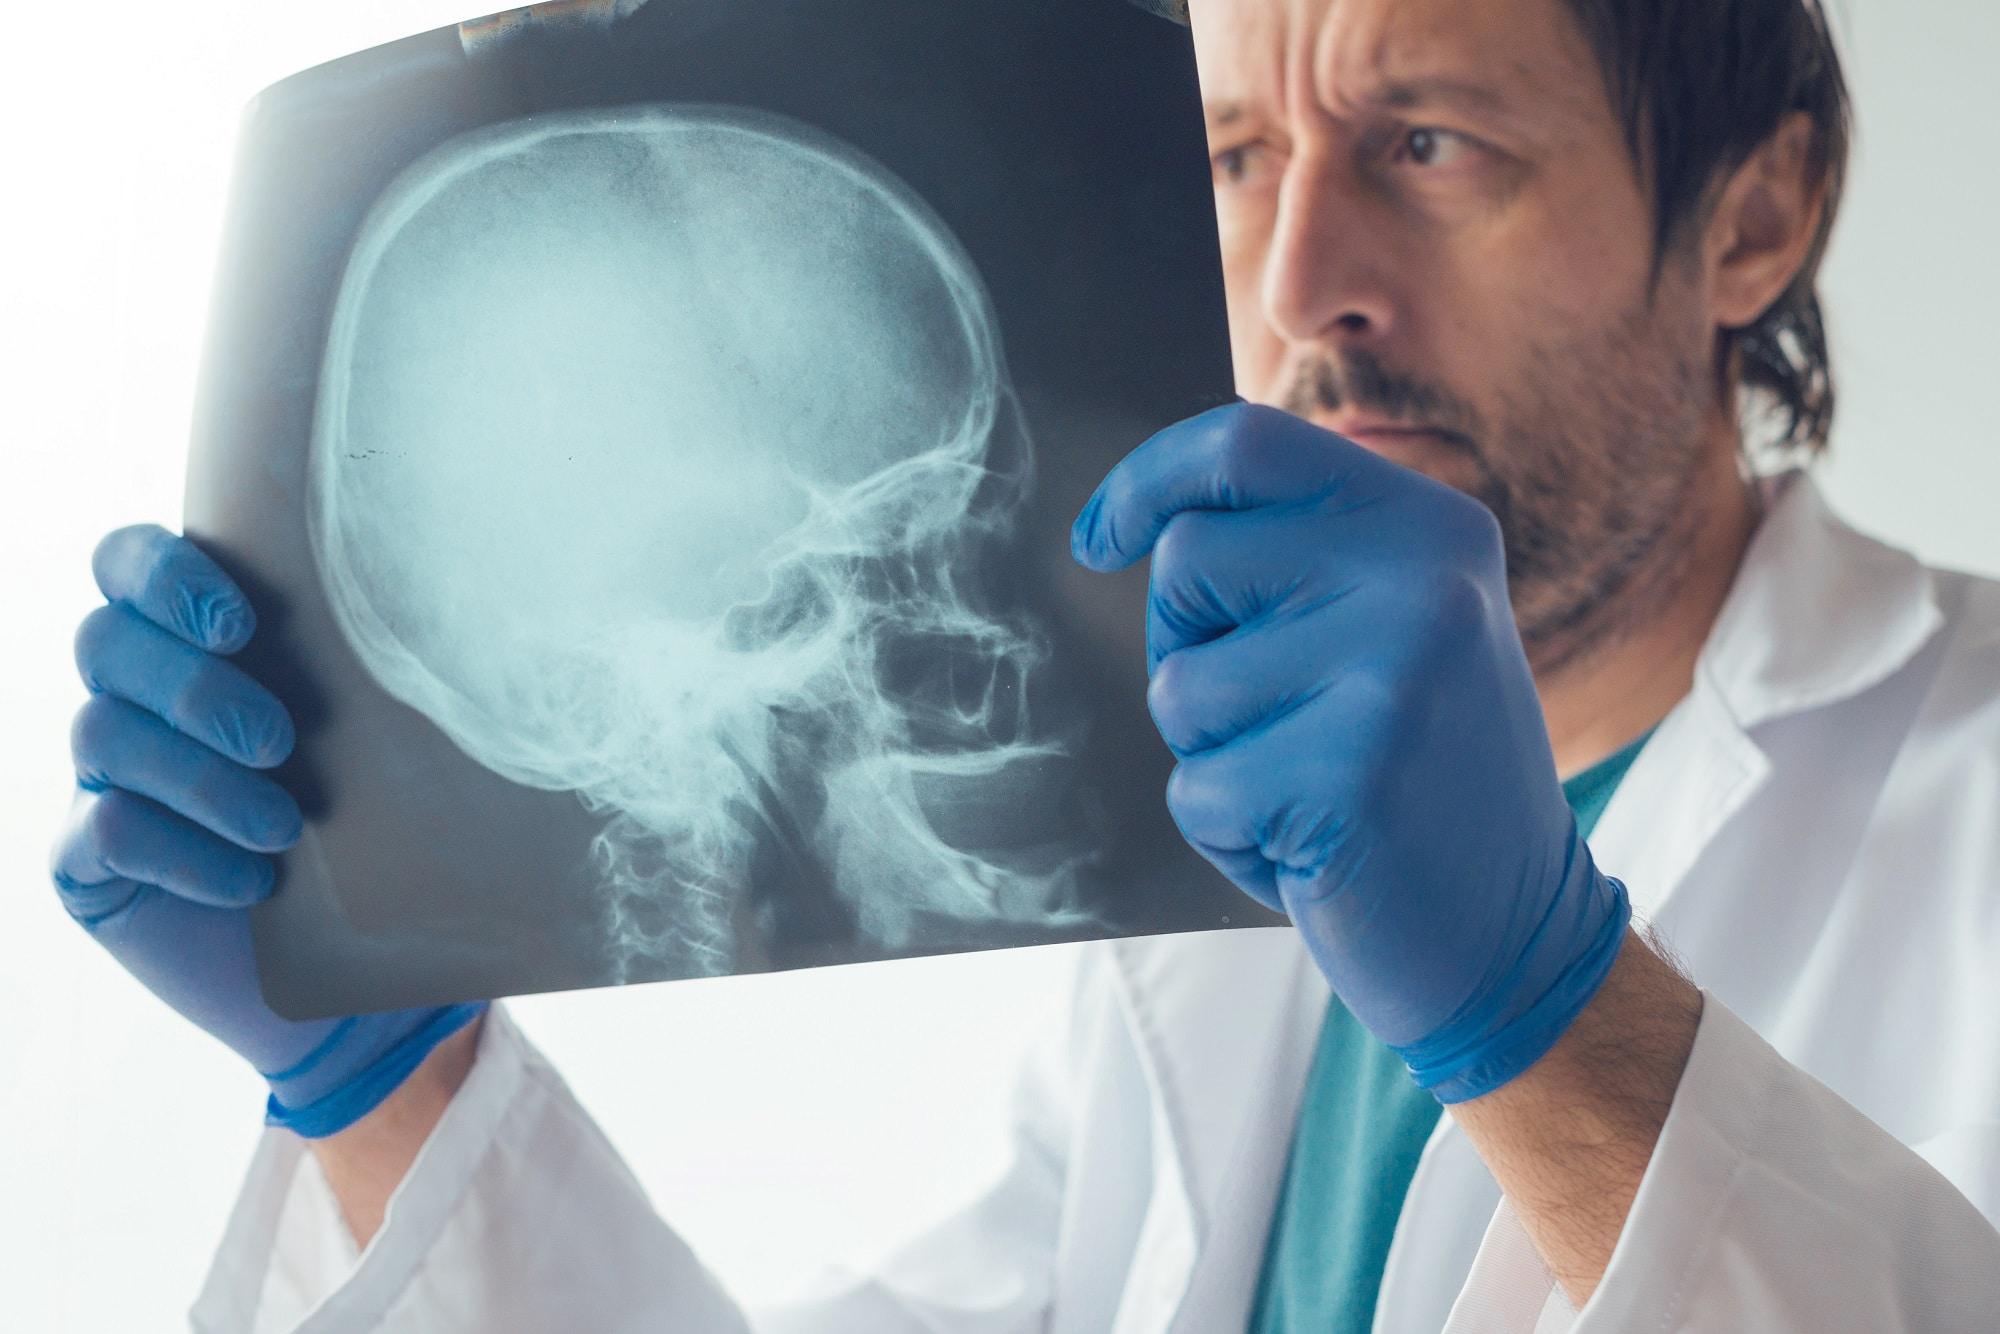 Unbewusstes Zähneknirschen (Bruxismus) - Botox hilft